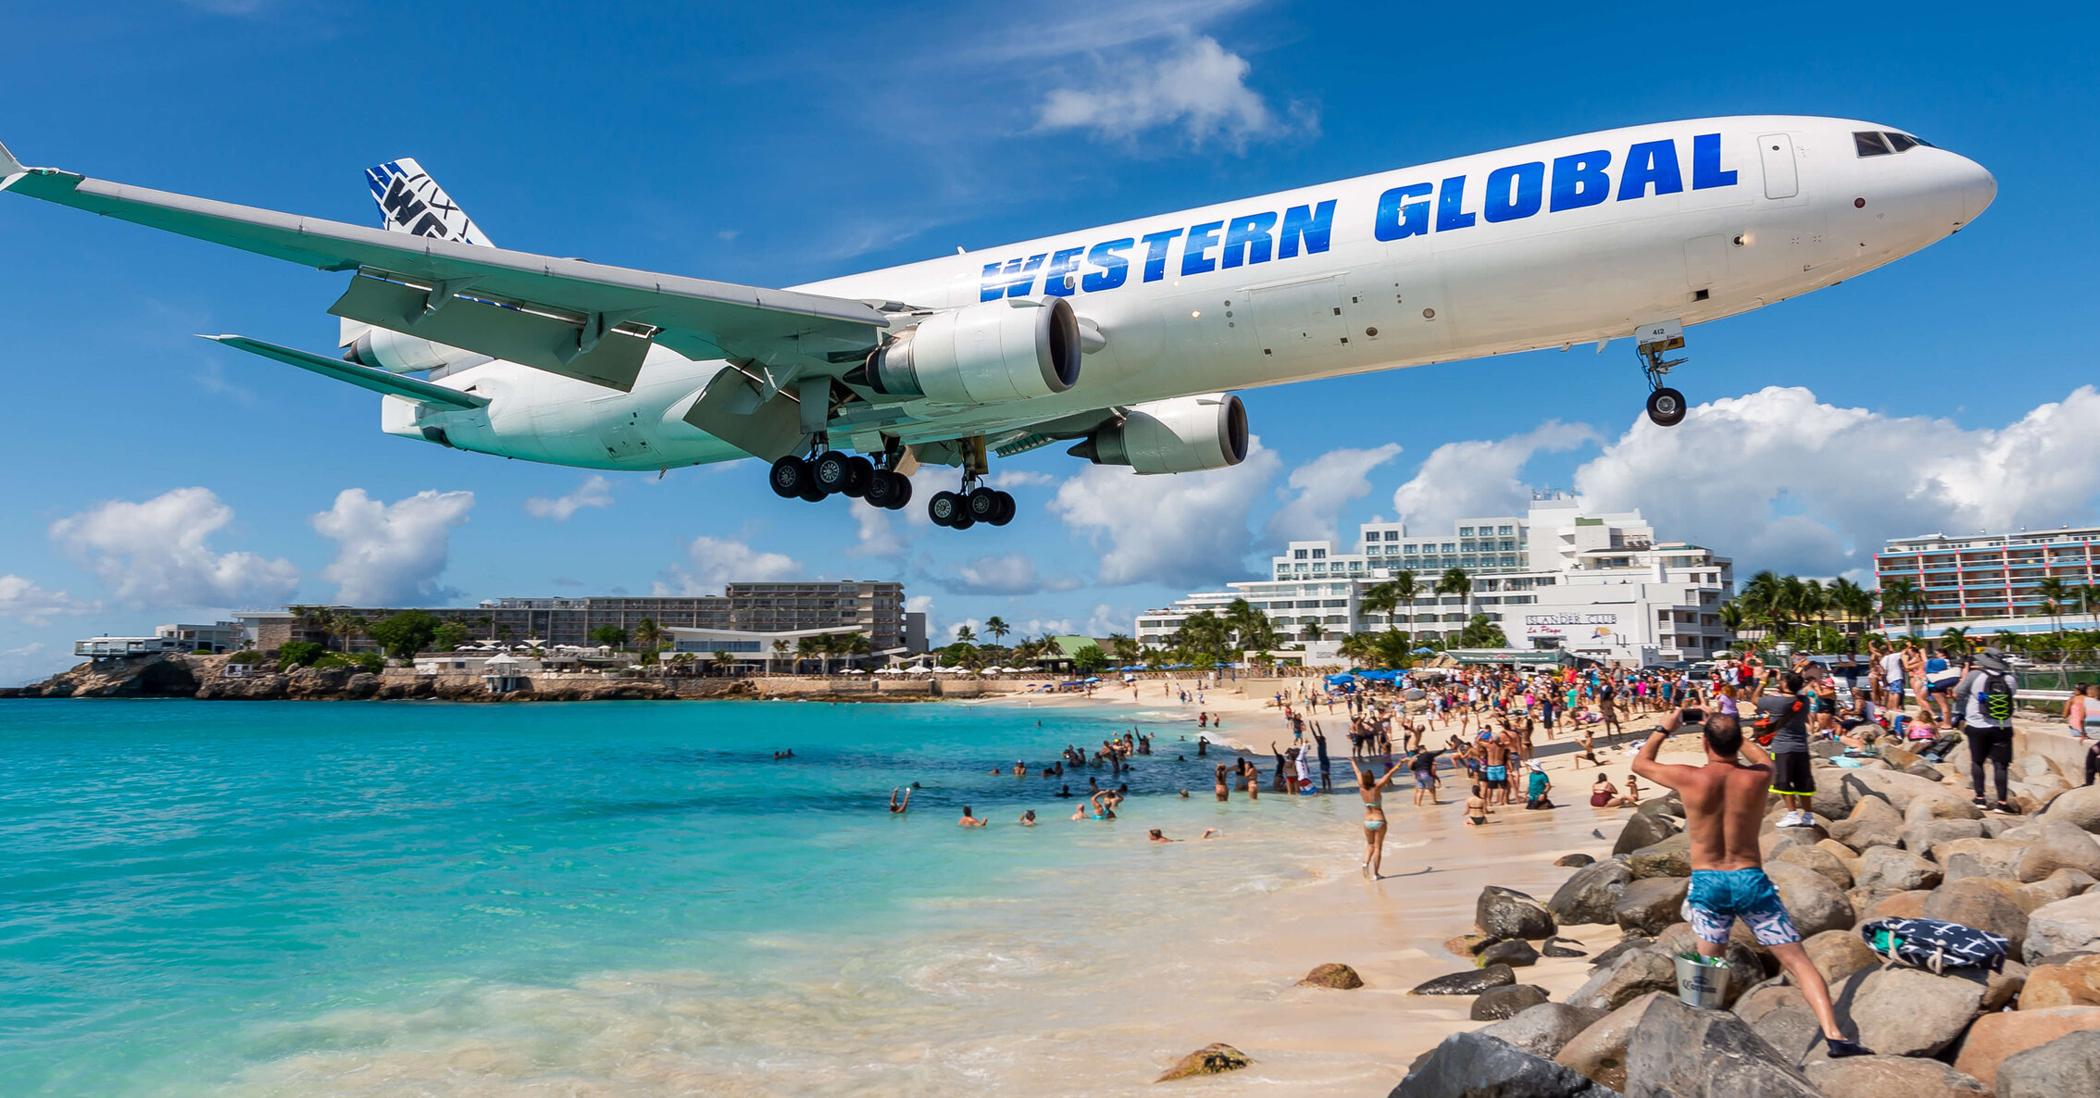 Western Global Jet flies over a beach